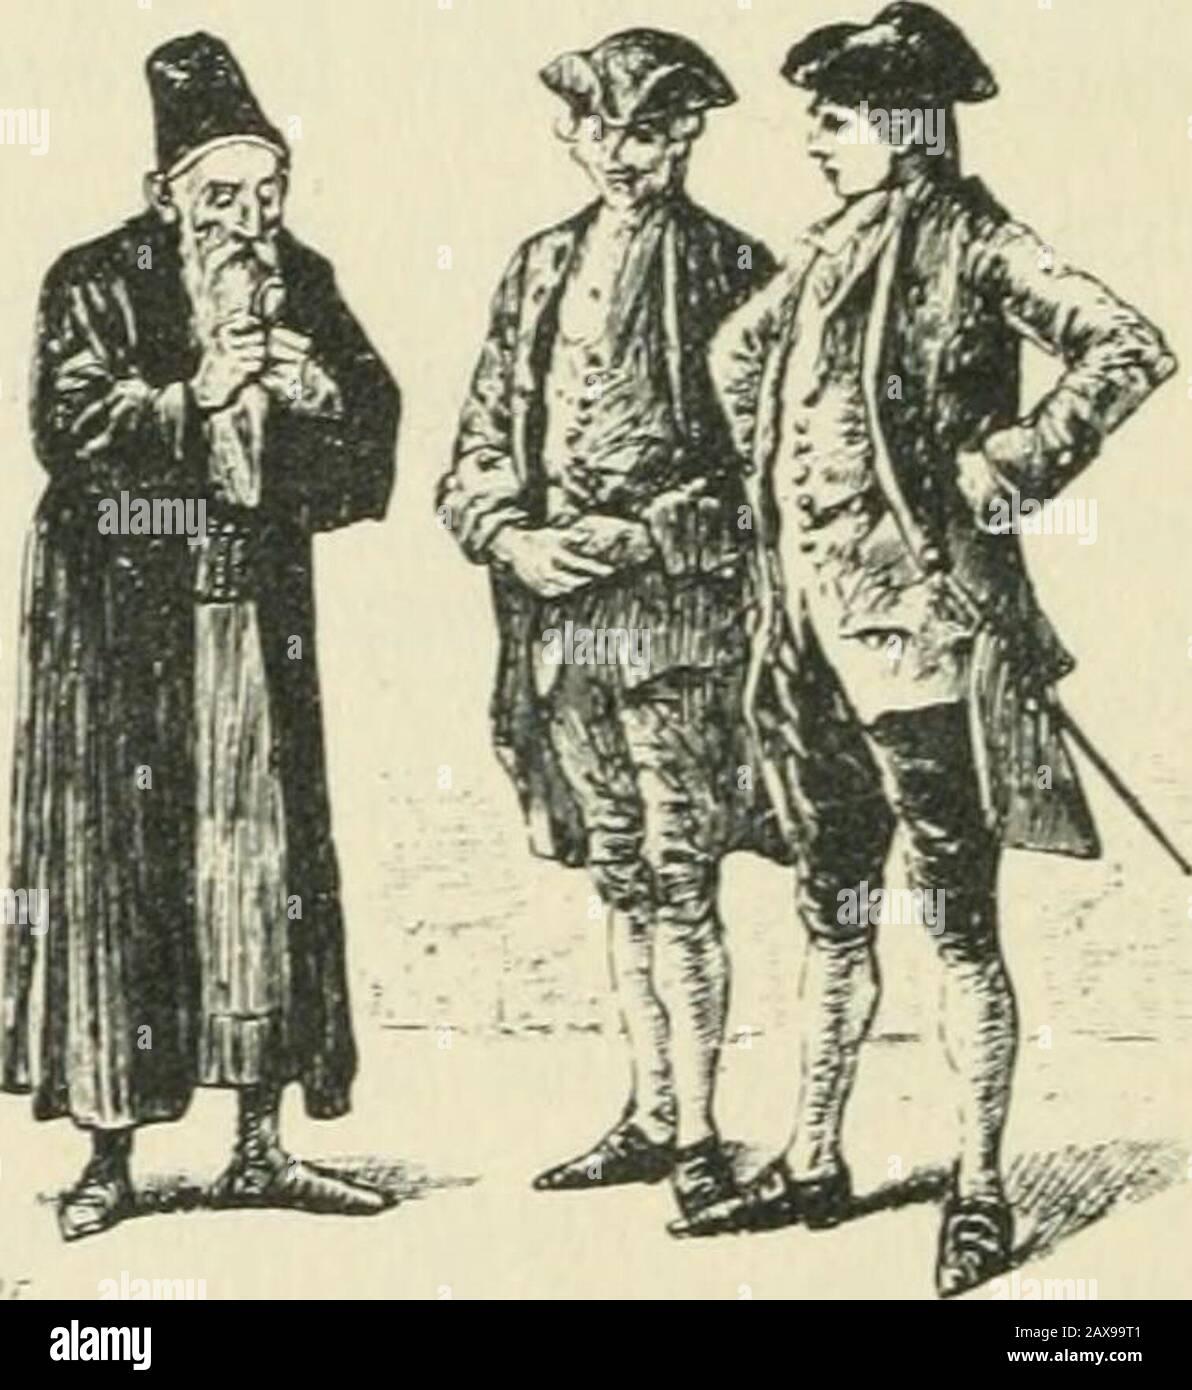 Candide; ou, L'optimisme; . t (lacanibo. — Je revois ddiic iiiuii (lier Candide! ••séciiait Pangloss. Candide b^ui piésenlail Martin el Cacambo. Ils sem-brassaient Ions; ils parlaient Ions à la b>is. La galèrev(dait; ils élaienl déjà dan-ctpiinsun diamant de la alciir de cciil mille, et <;ui lui jurapar Abraham «piil nen poiiviiil donner daaiilage. H 154 CANDIDE paya incontinent la rançon du baron et de Pangloss.(lelui-ci se jeta aux pieds de son libérateur et les baignade larmes; lautre le remercia par un signe de tête etlui promit de lui rendre cet argent à la première occa-sion. « M Stock Photo